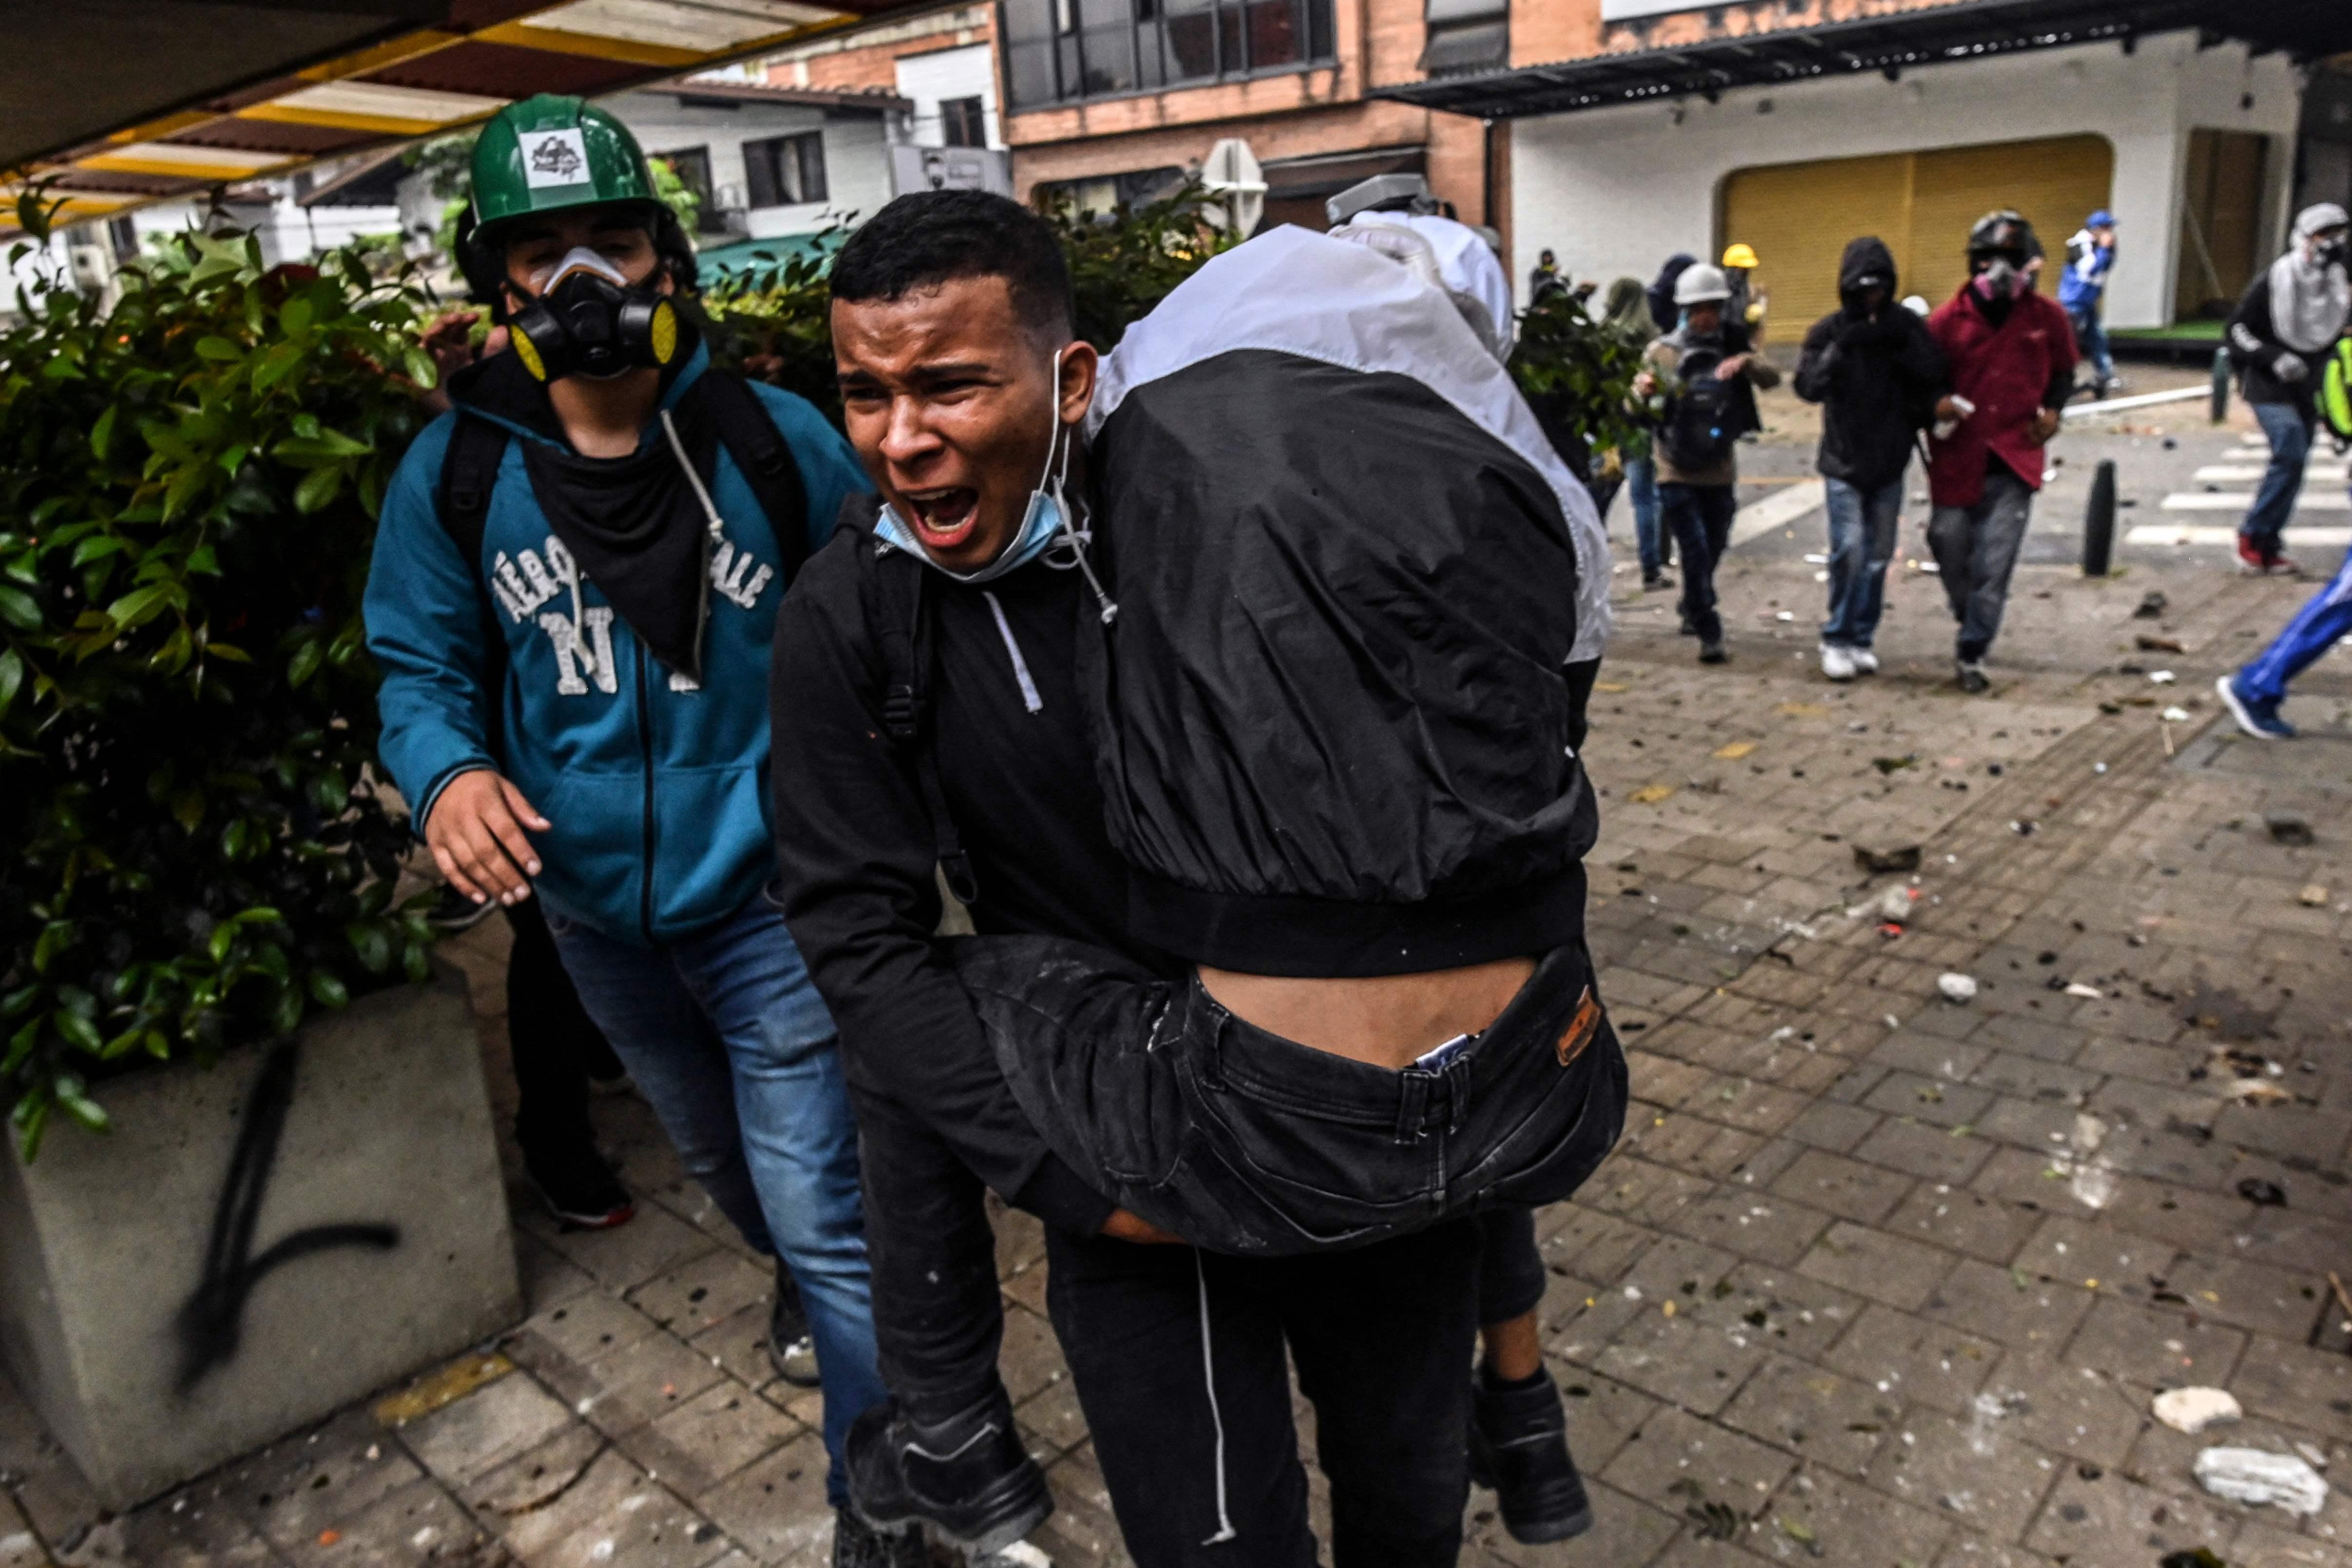 Un hombre carga con un herido en una protesta en Medellín.